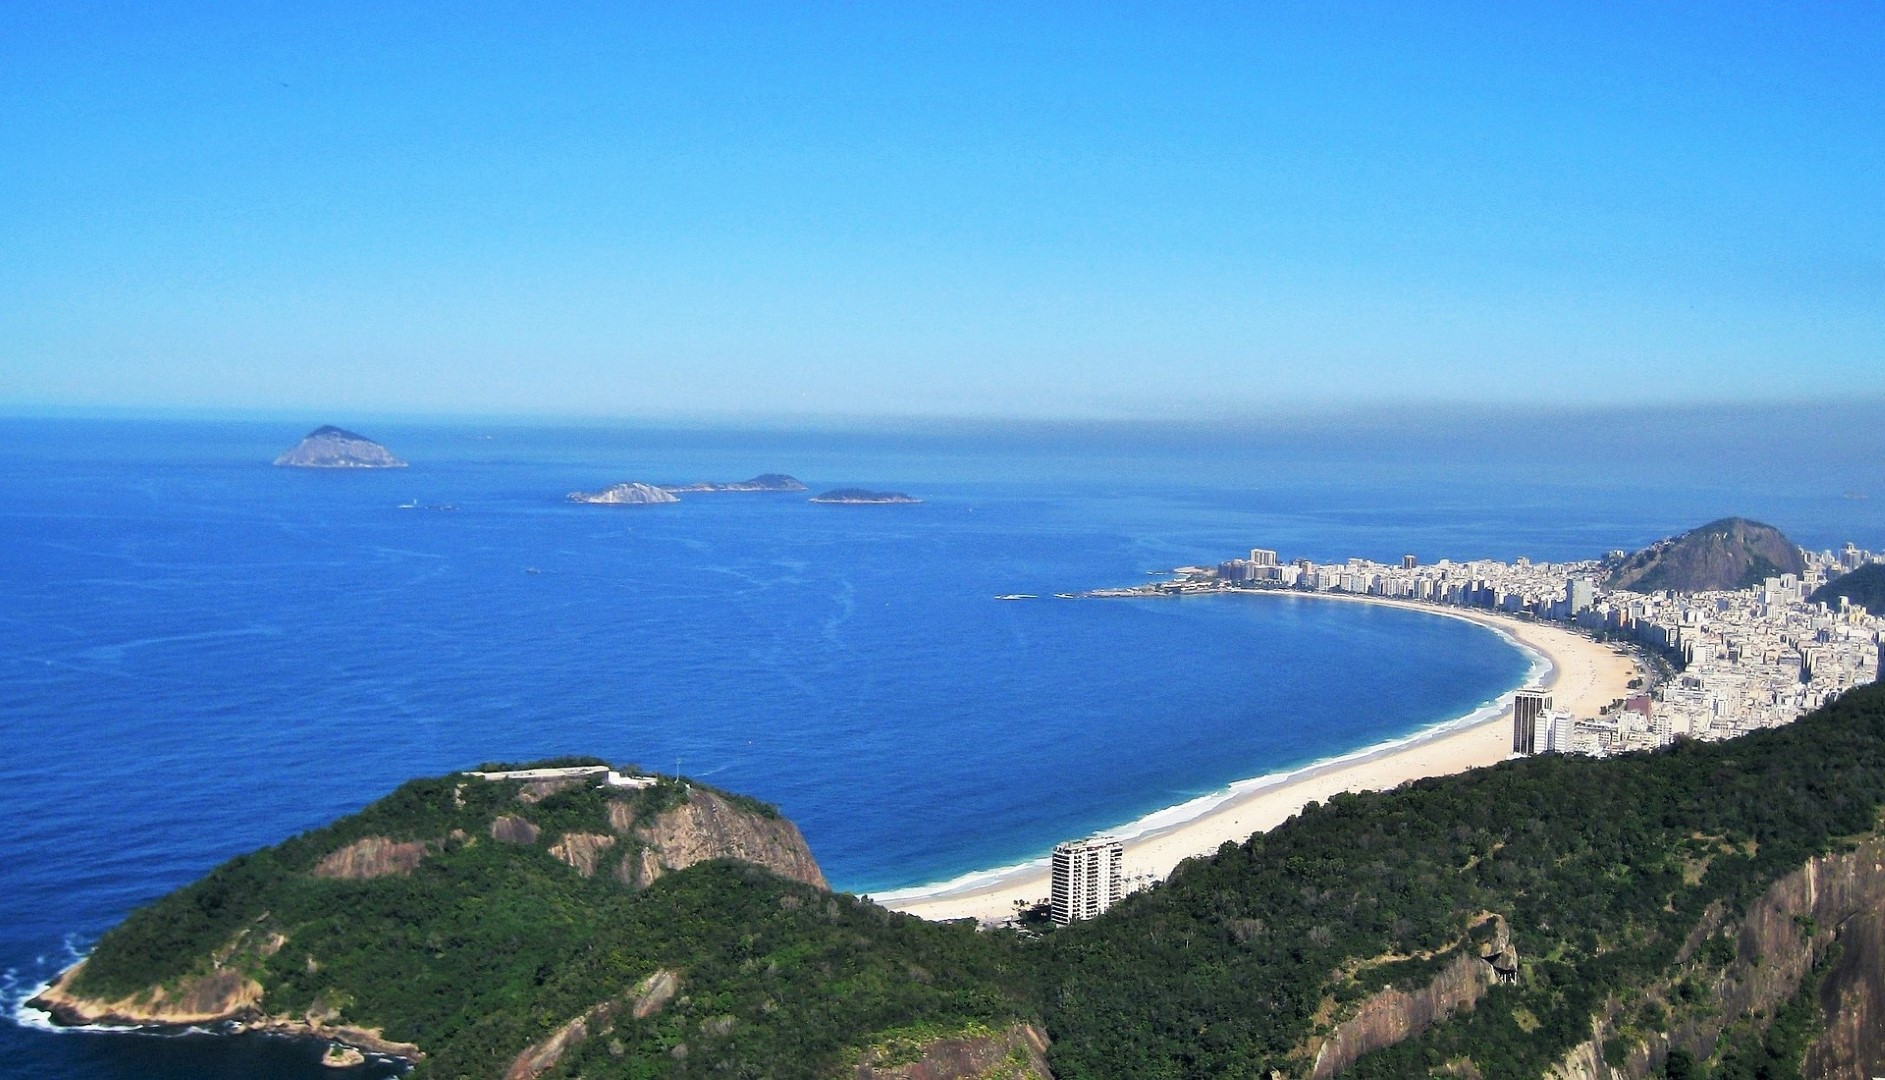 Gerenciamento de Redes Sociais em Barra de Guaratiba – Rio de Janeiro – RJ